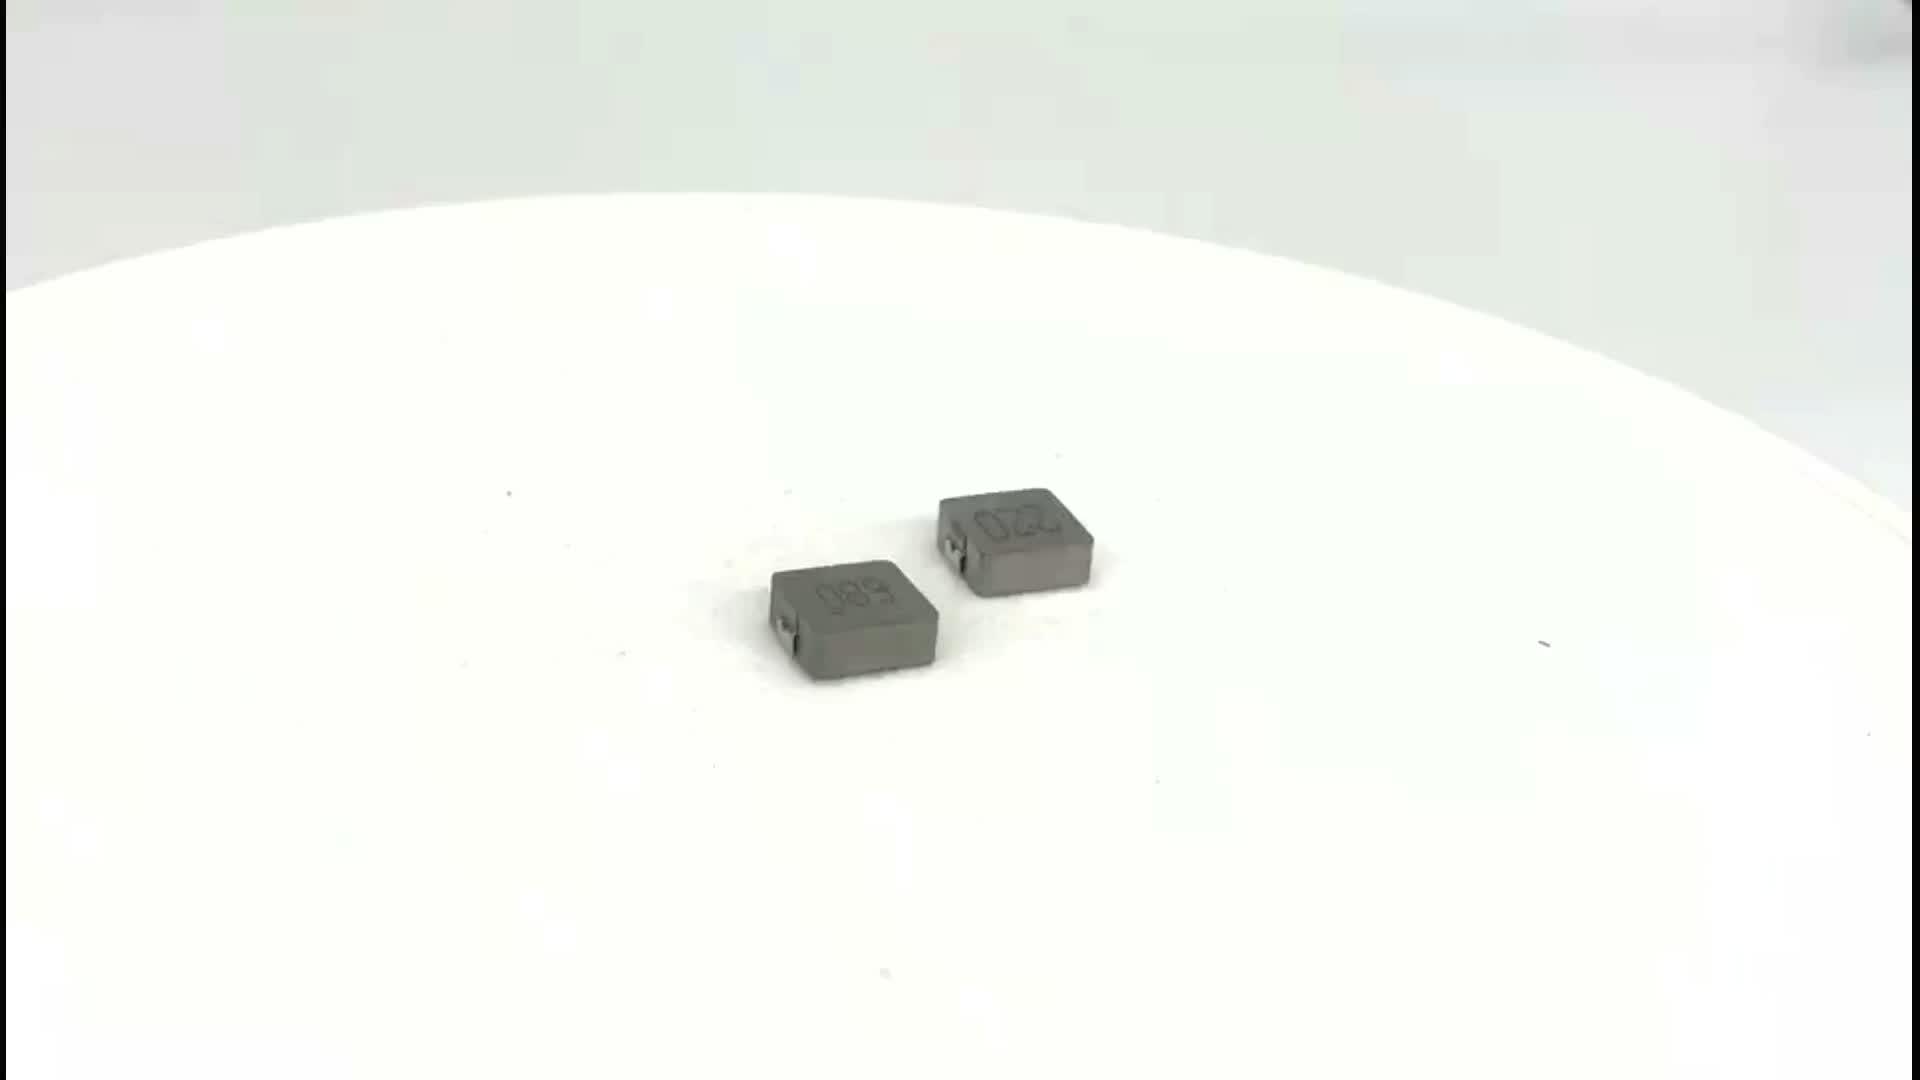 5A Hohe Strom 22uH Chip Integrierte Geformt Power Inductor Für Elektronik